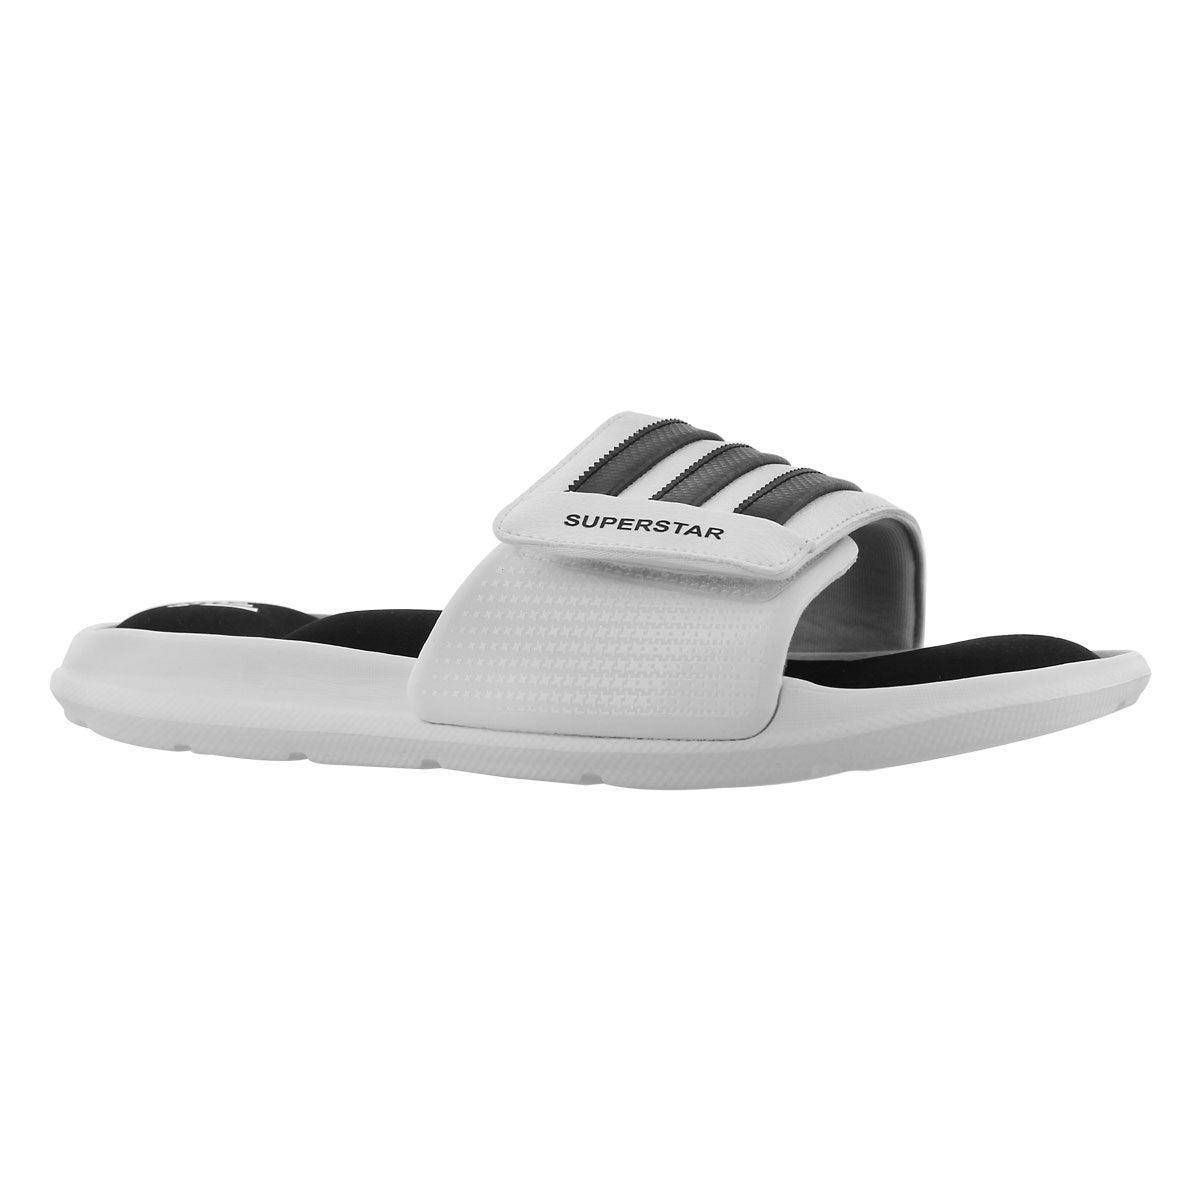 Men's SUPERSTAR 5G wht/blk slide sandals